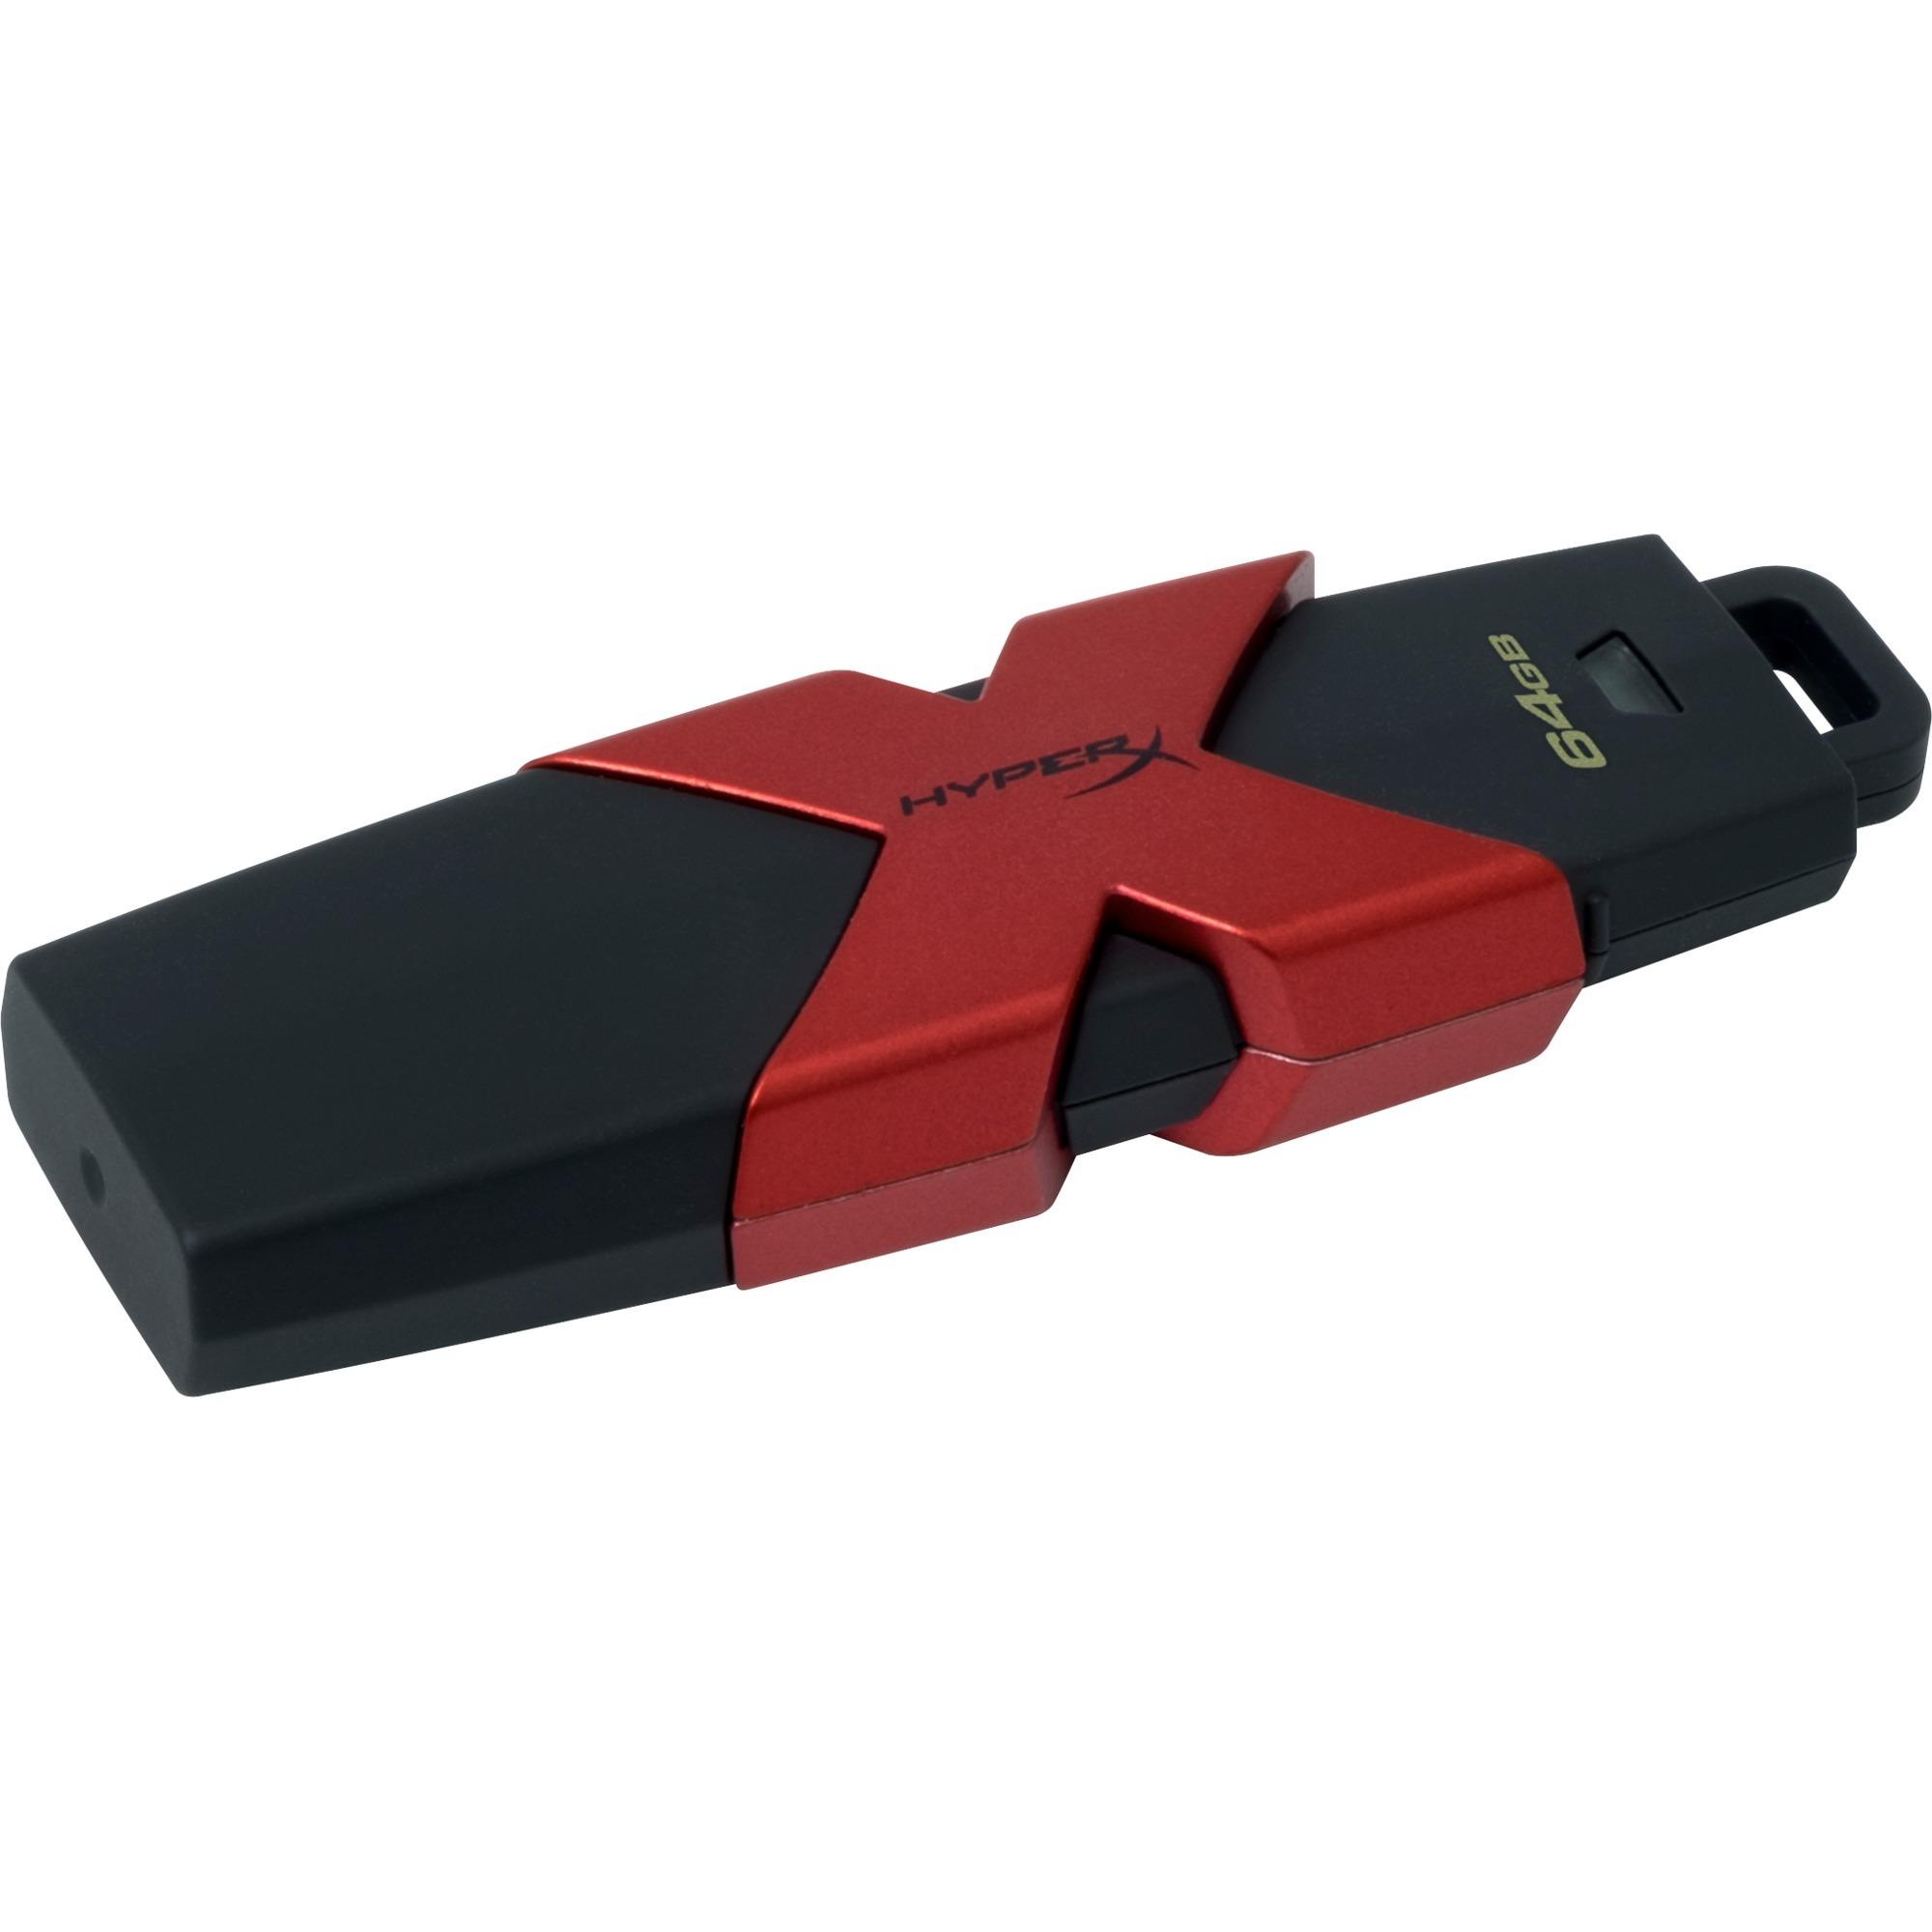 64GB unidad flash USB USB tipo A 3.0 (3.1 Gen 1) Negro, Rojo, Lápiz USB